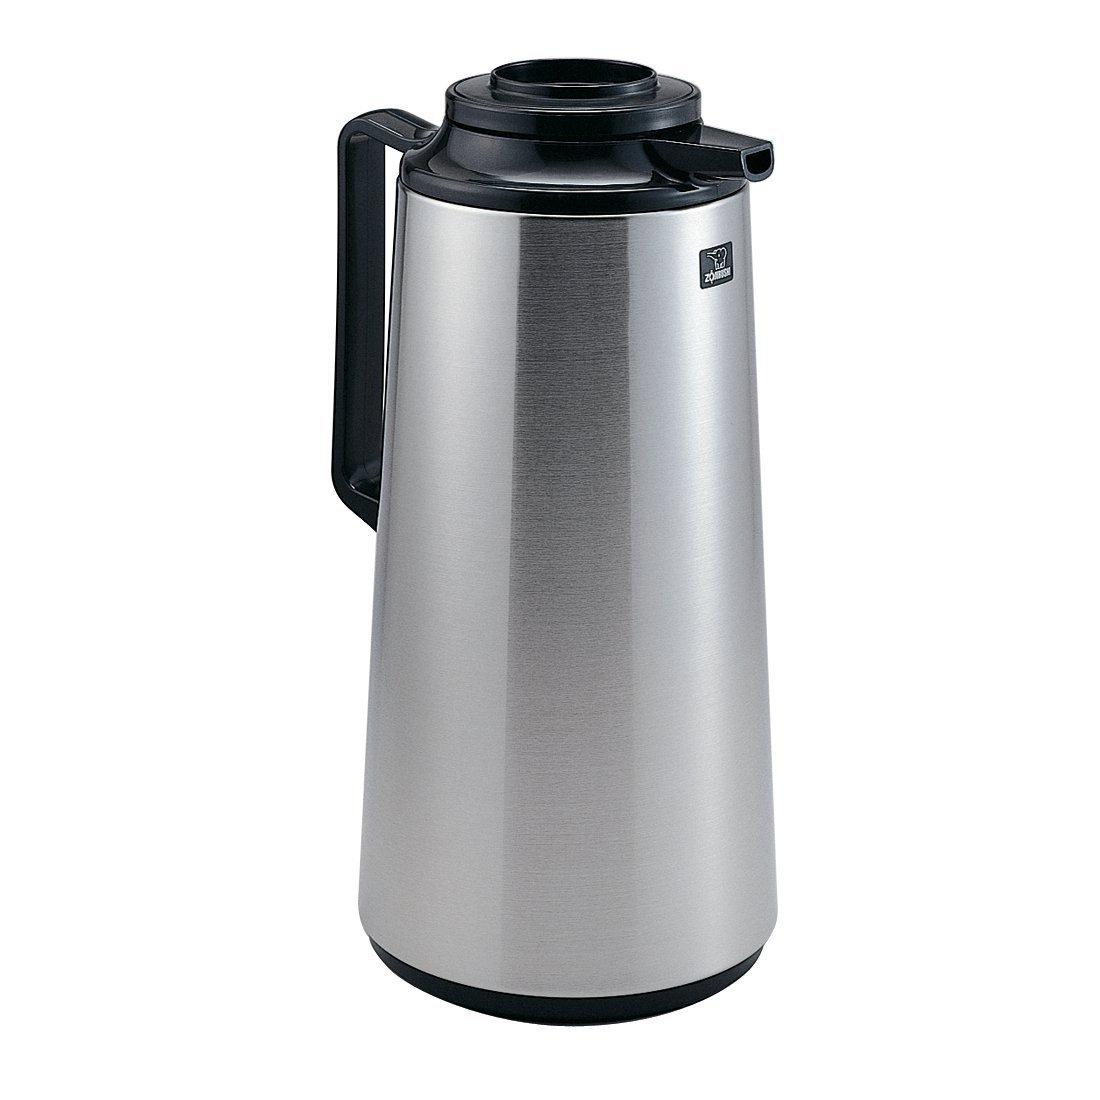 ZOJIRUSHI BHS-19SB Thermal Carafe, 1.85 Liter, Stainless Steel